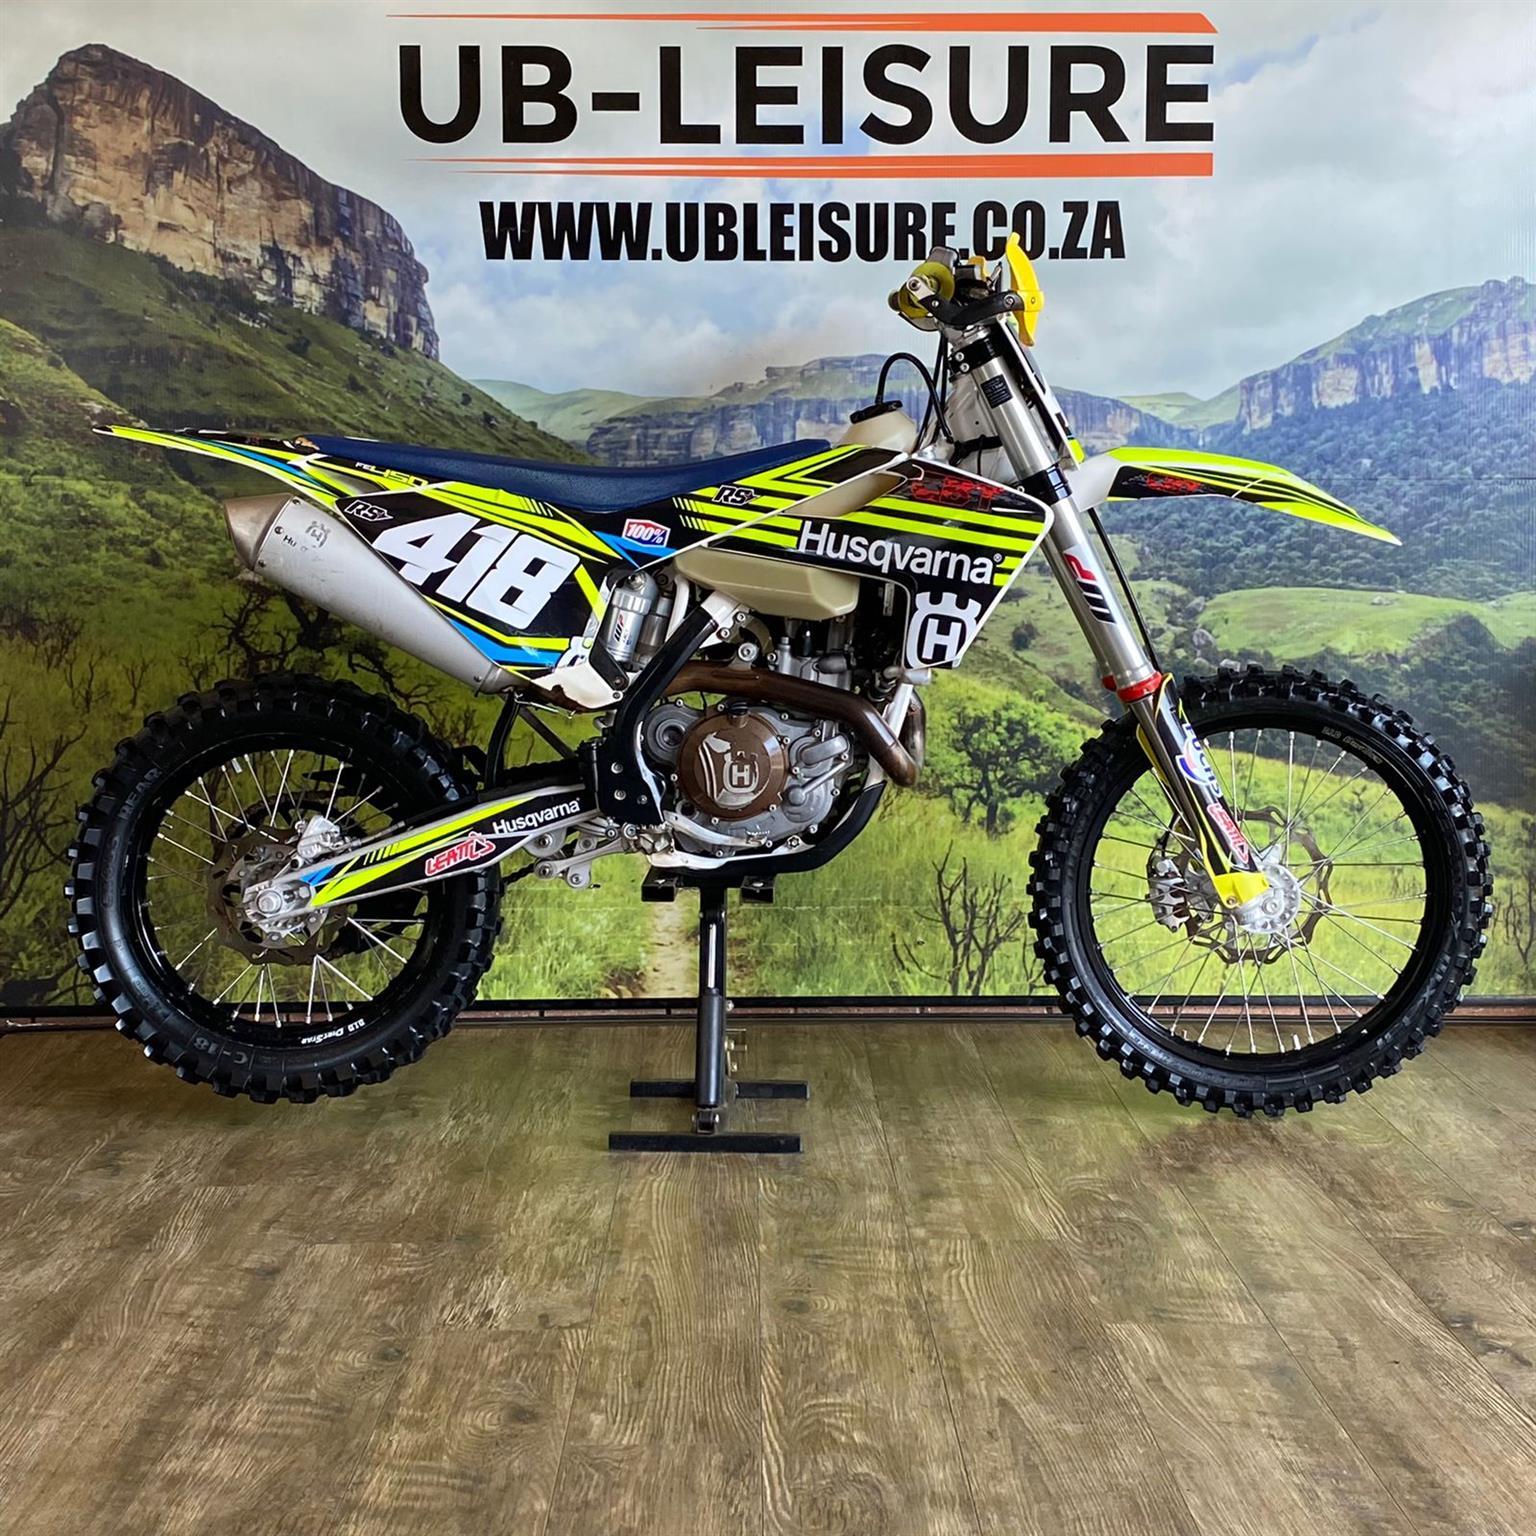 2018 HUSQVARNA FE 450 | UB LEISURE